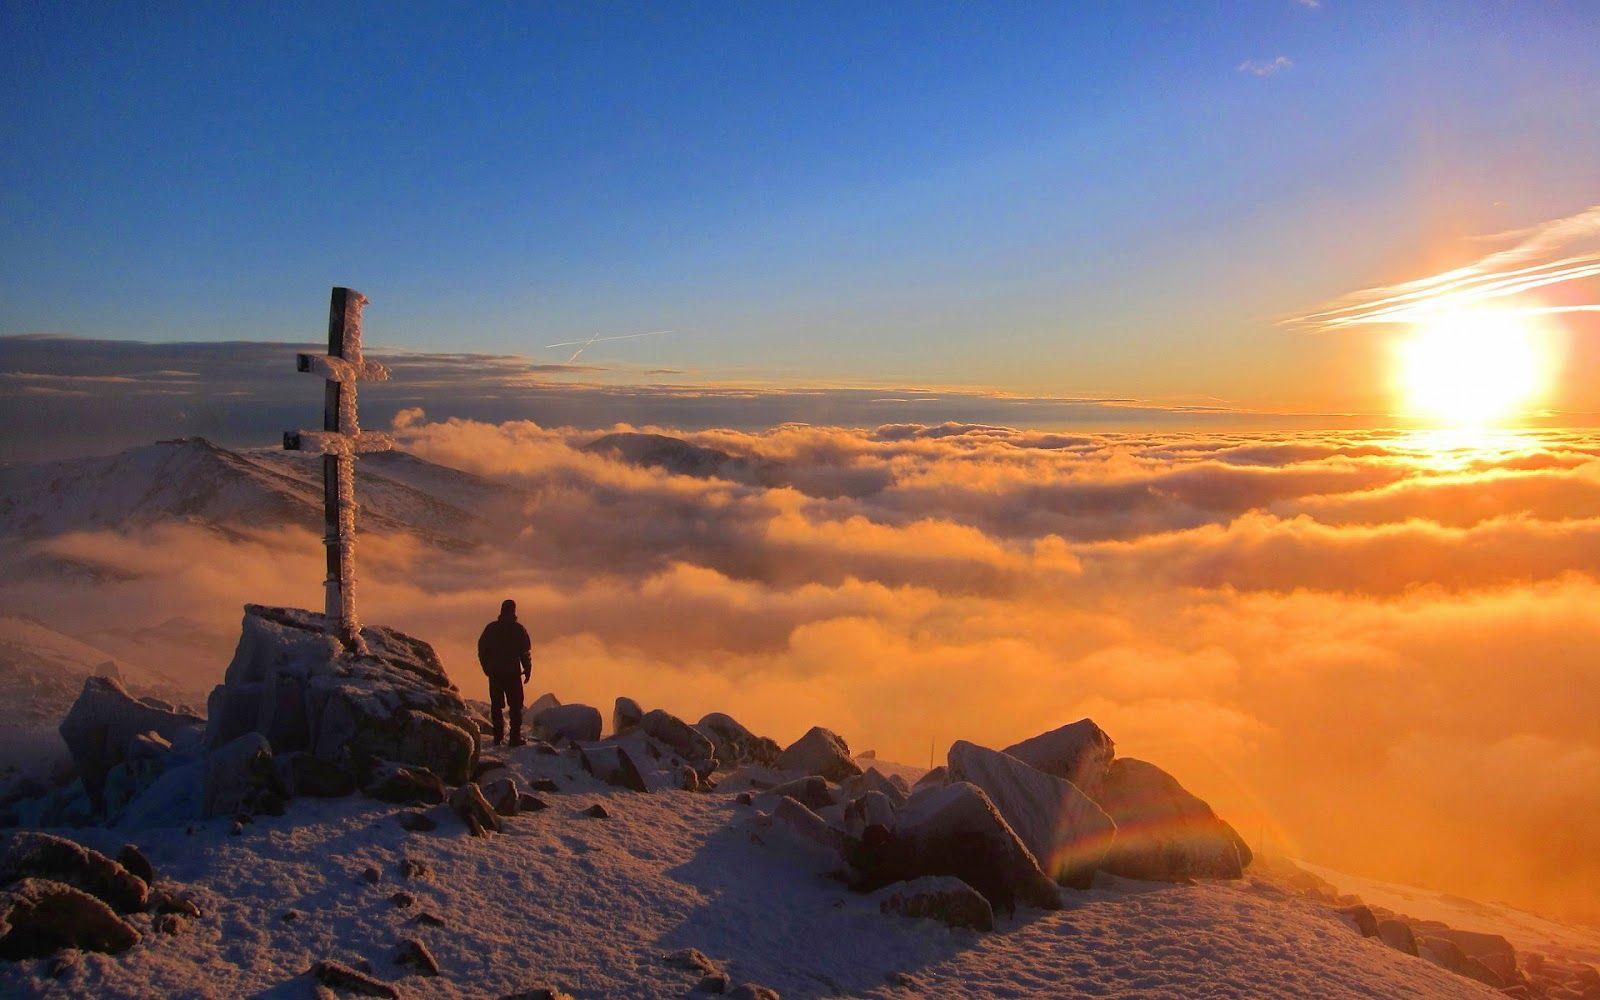 Sonnenuntergang in den bergen bild | winter wonderland ...